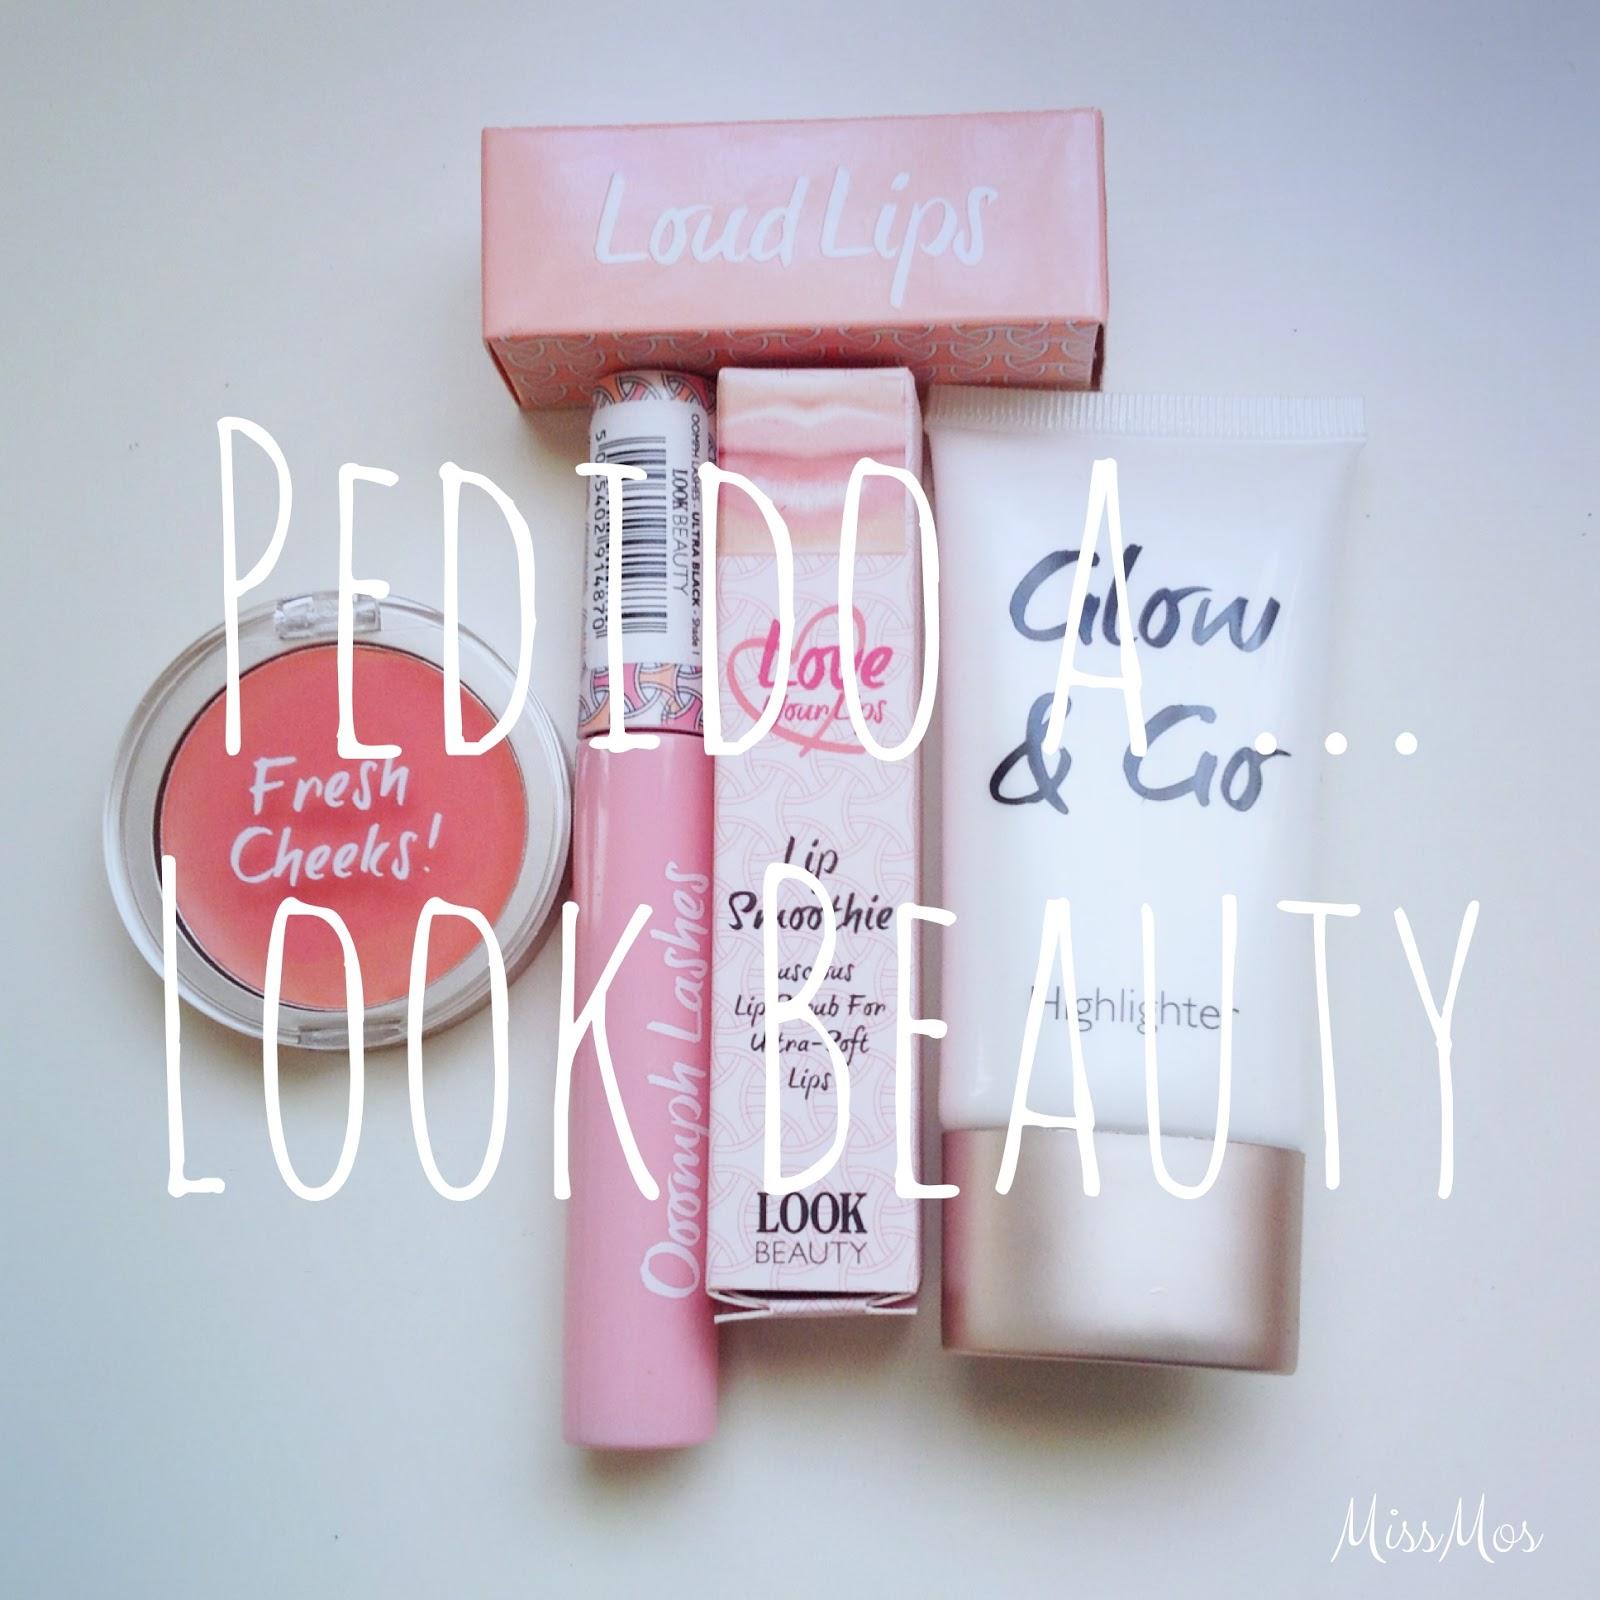 Look Beauty